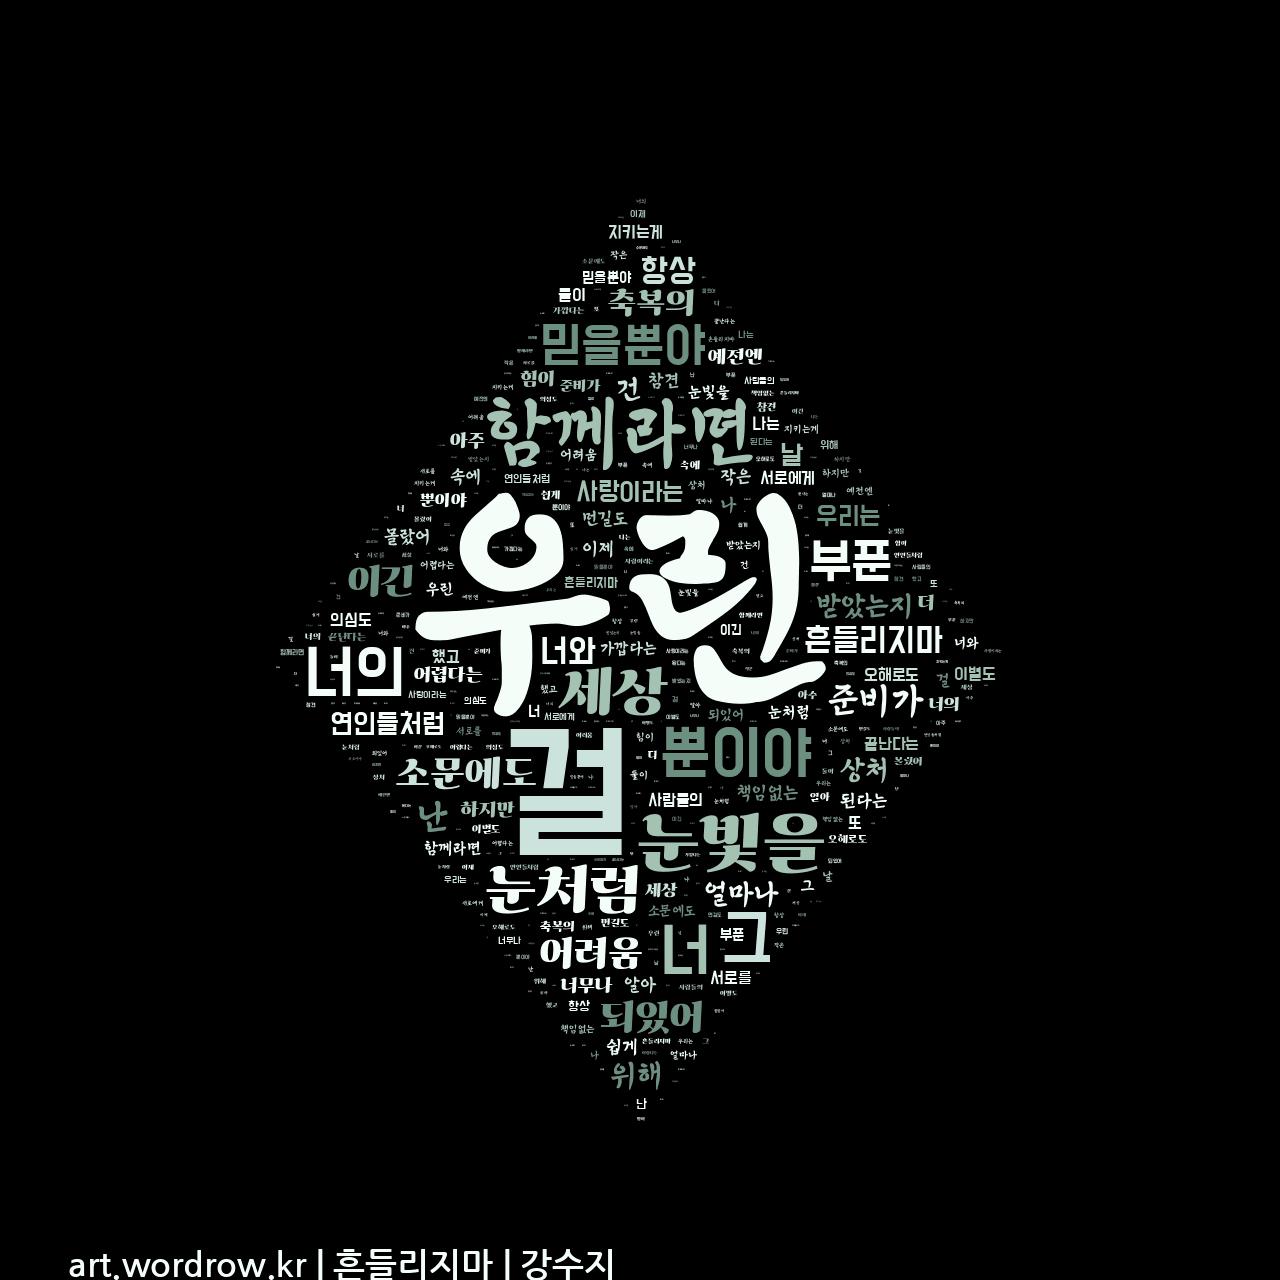 워드 아트: 흔들리지마 [강수지]-3